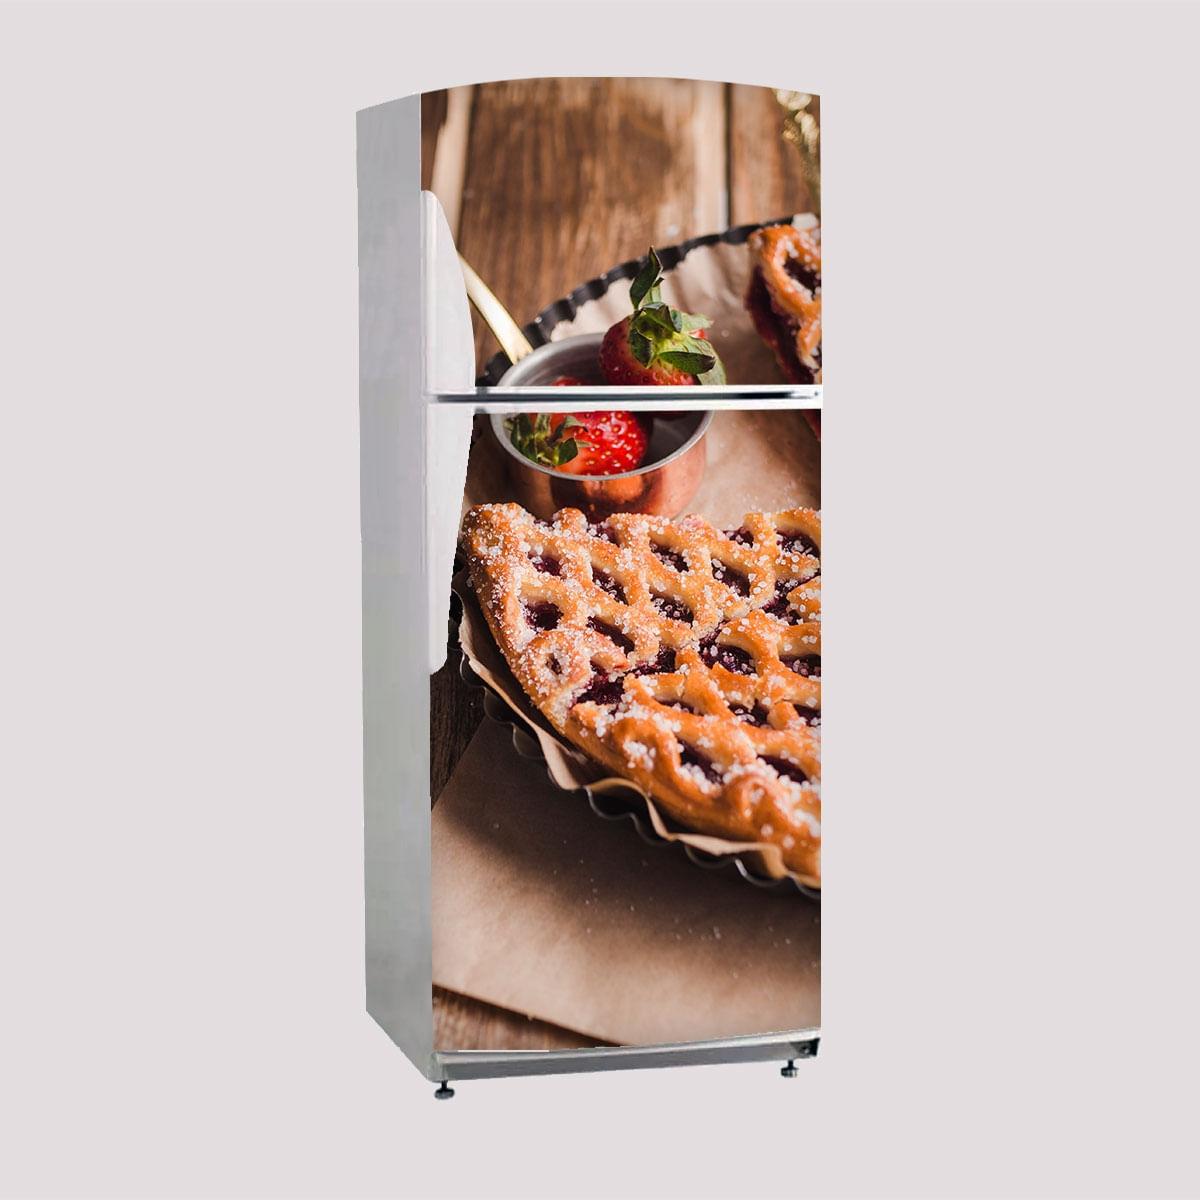 Envelopamento Porta De Geladeira Torta De Morango 02 - Side By Side